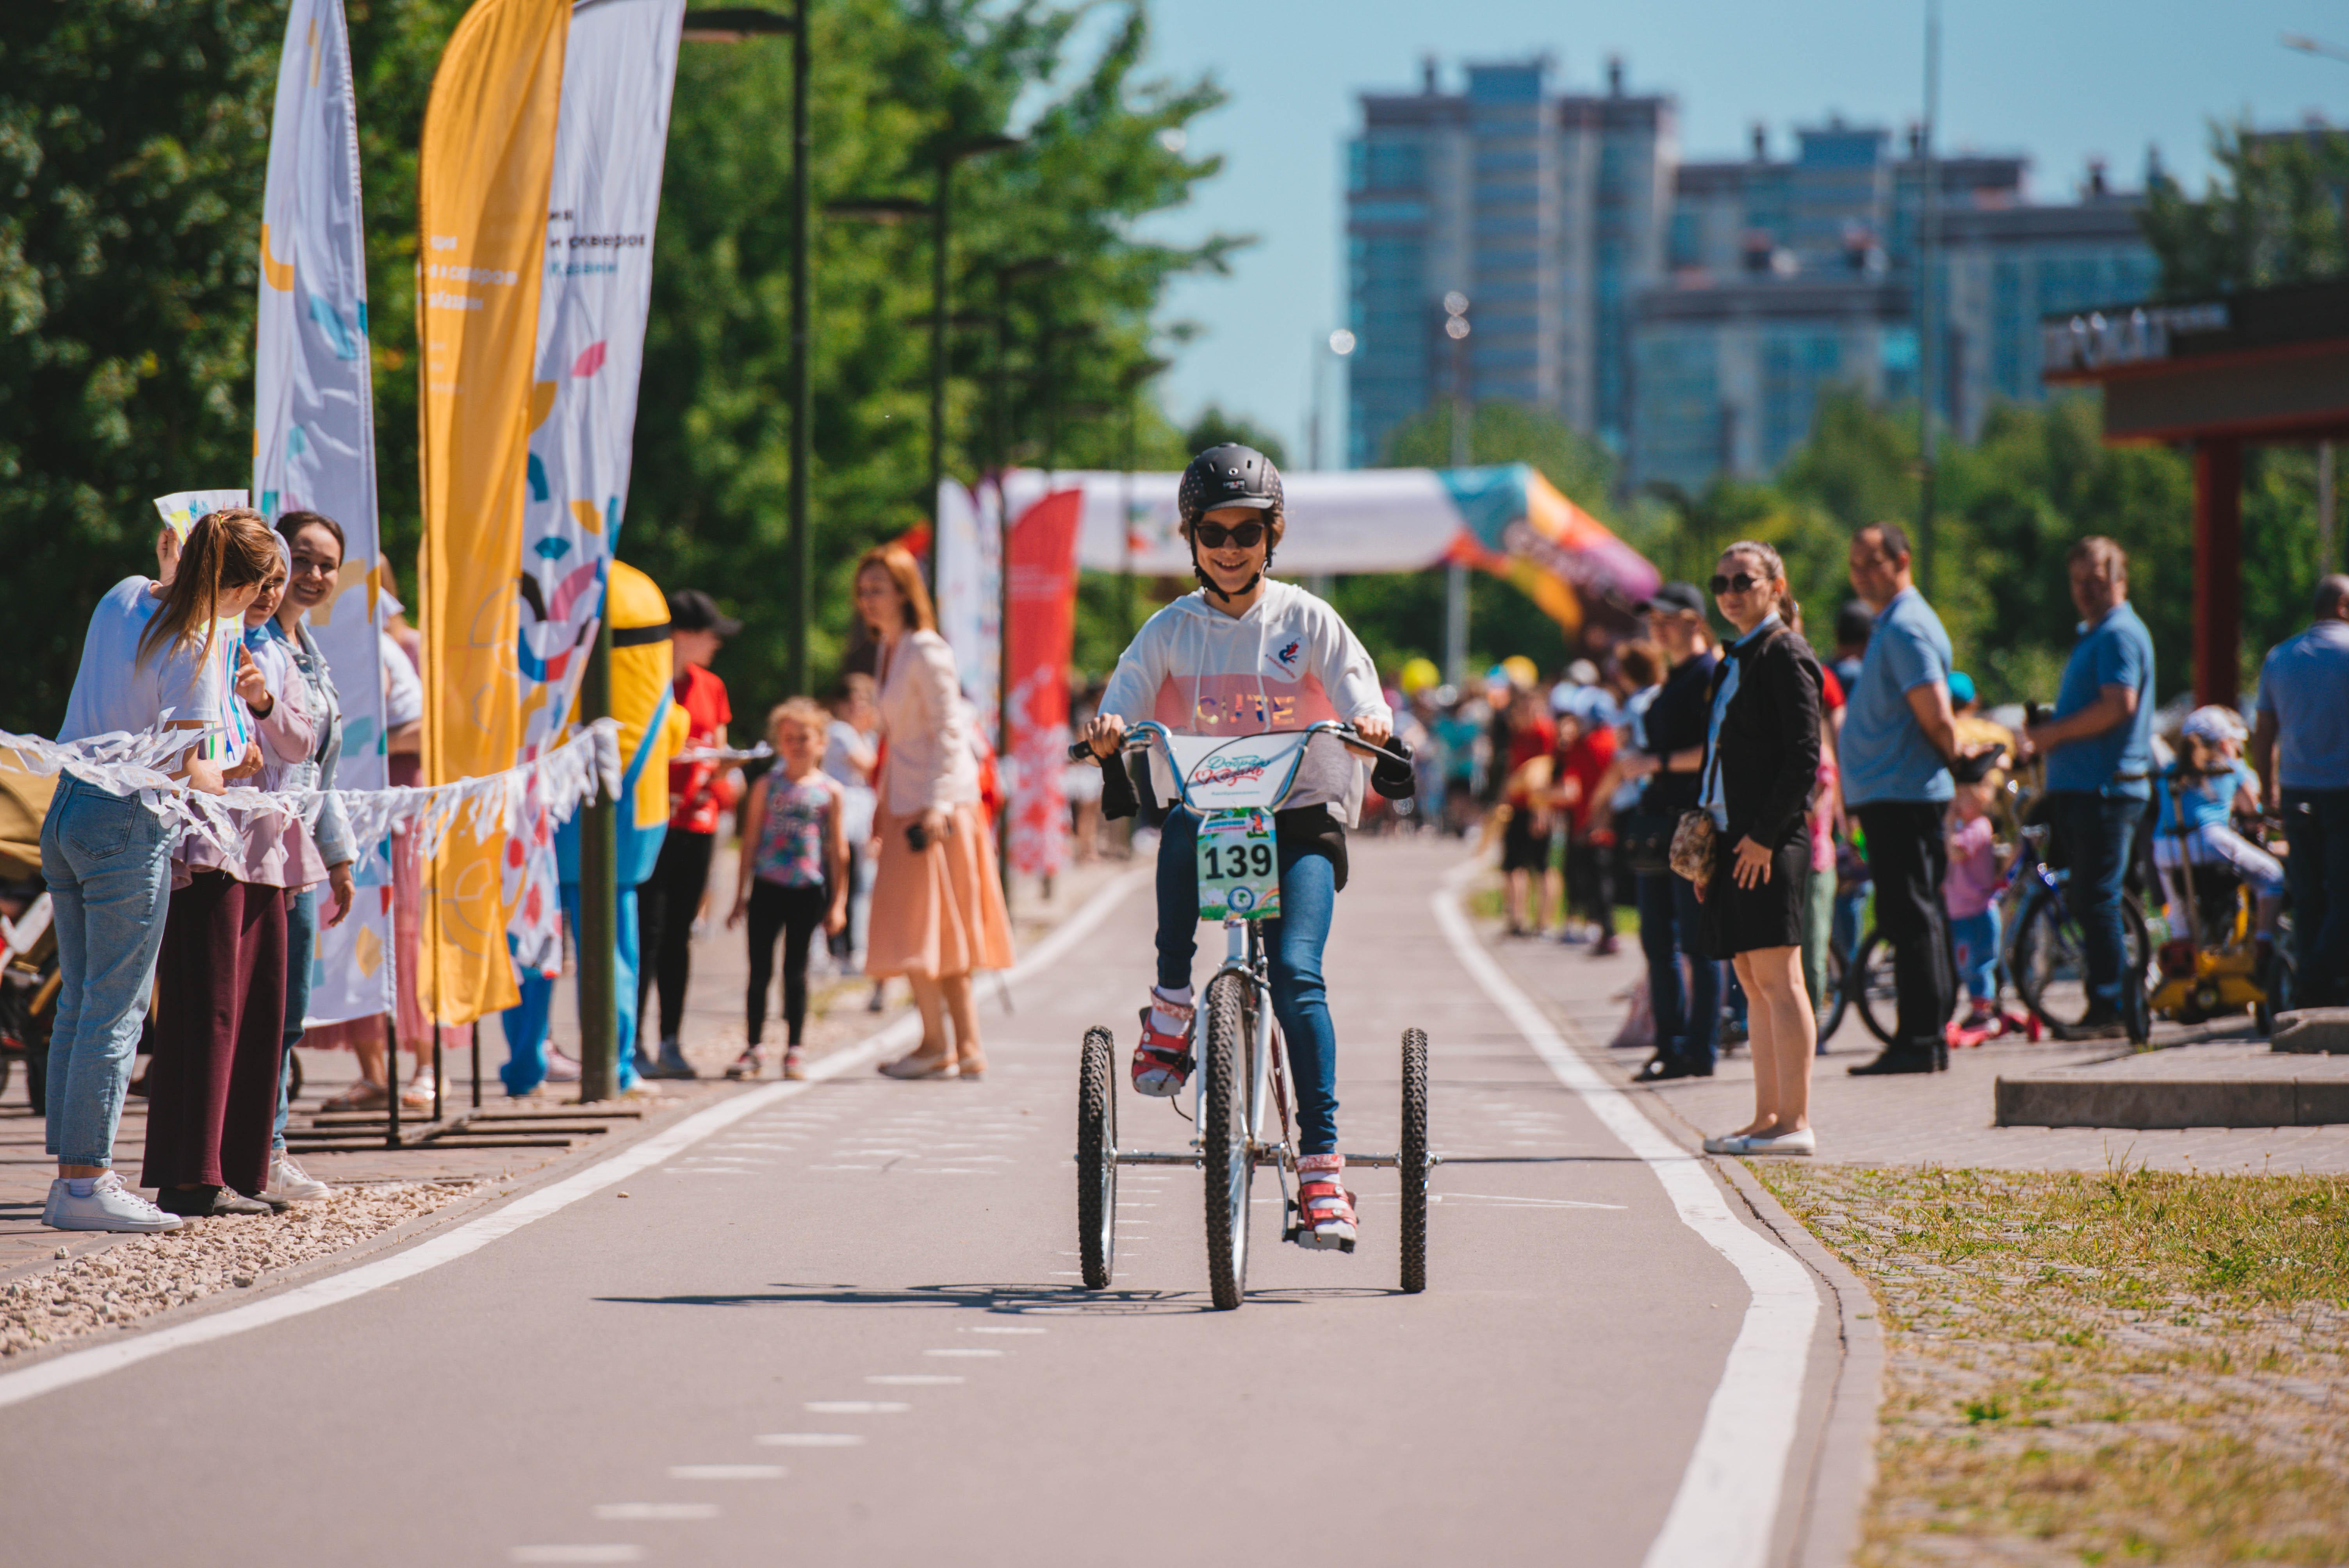 Всемирные зимние игры Специальной Олимпиады 2022 презентовали на велозабеге в Казани